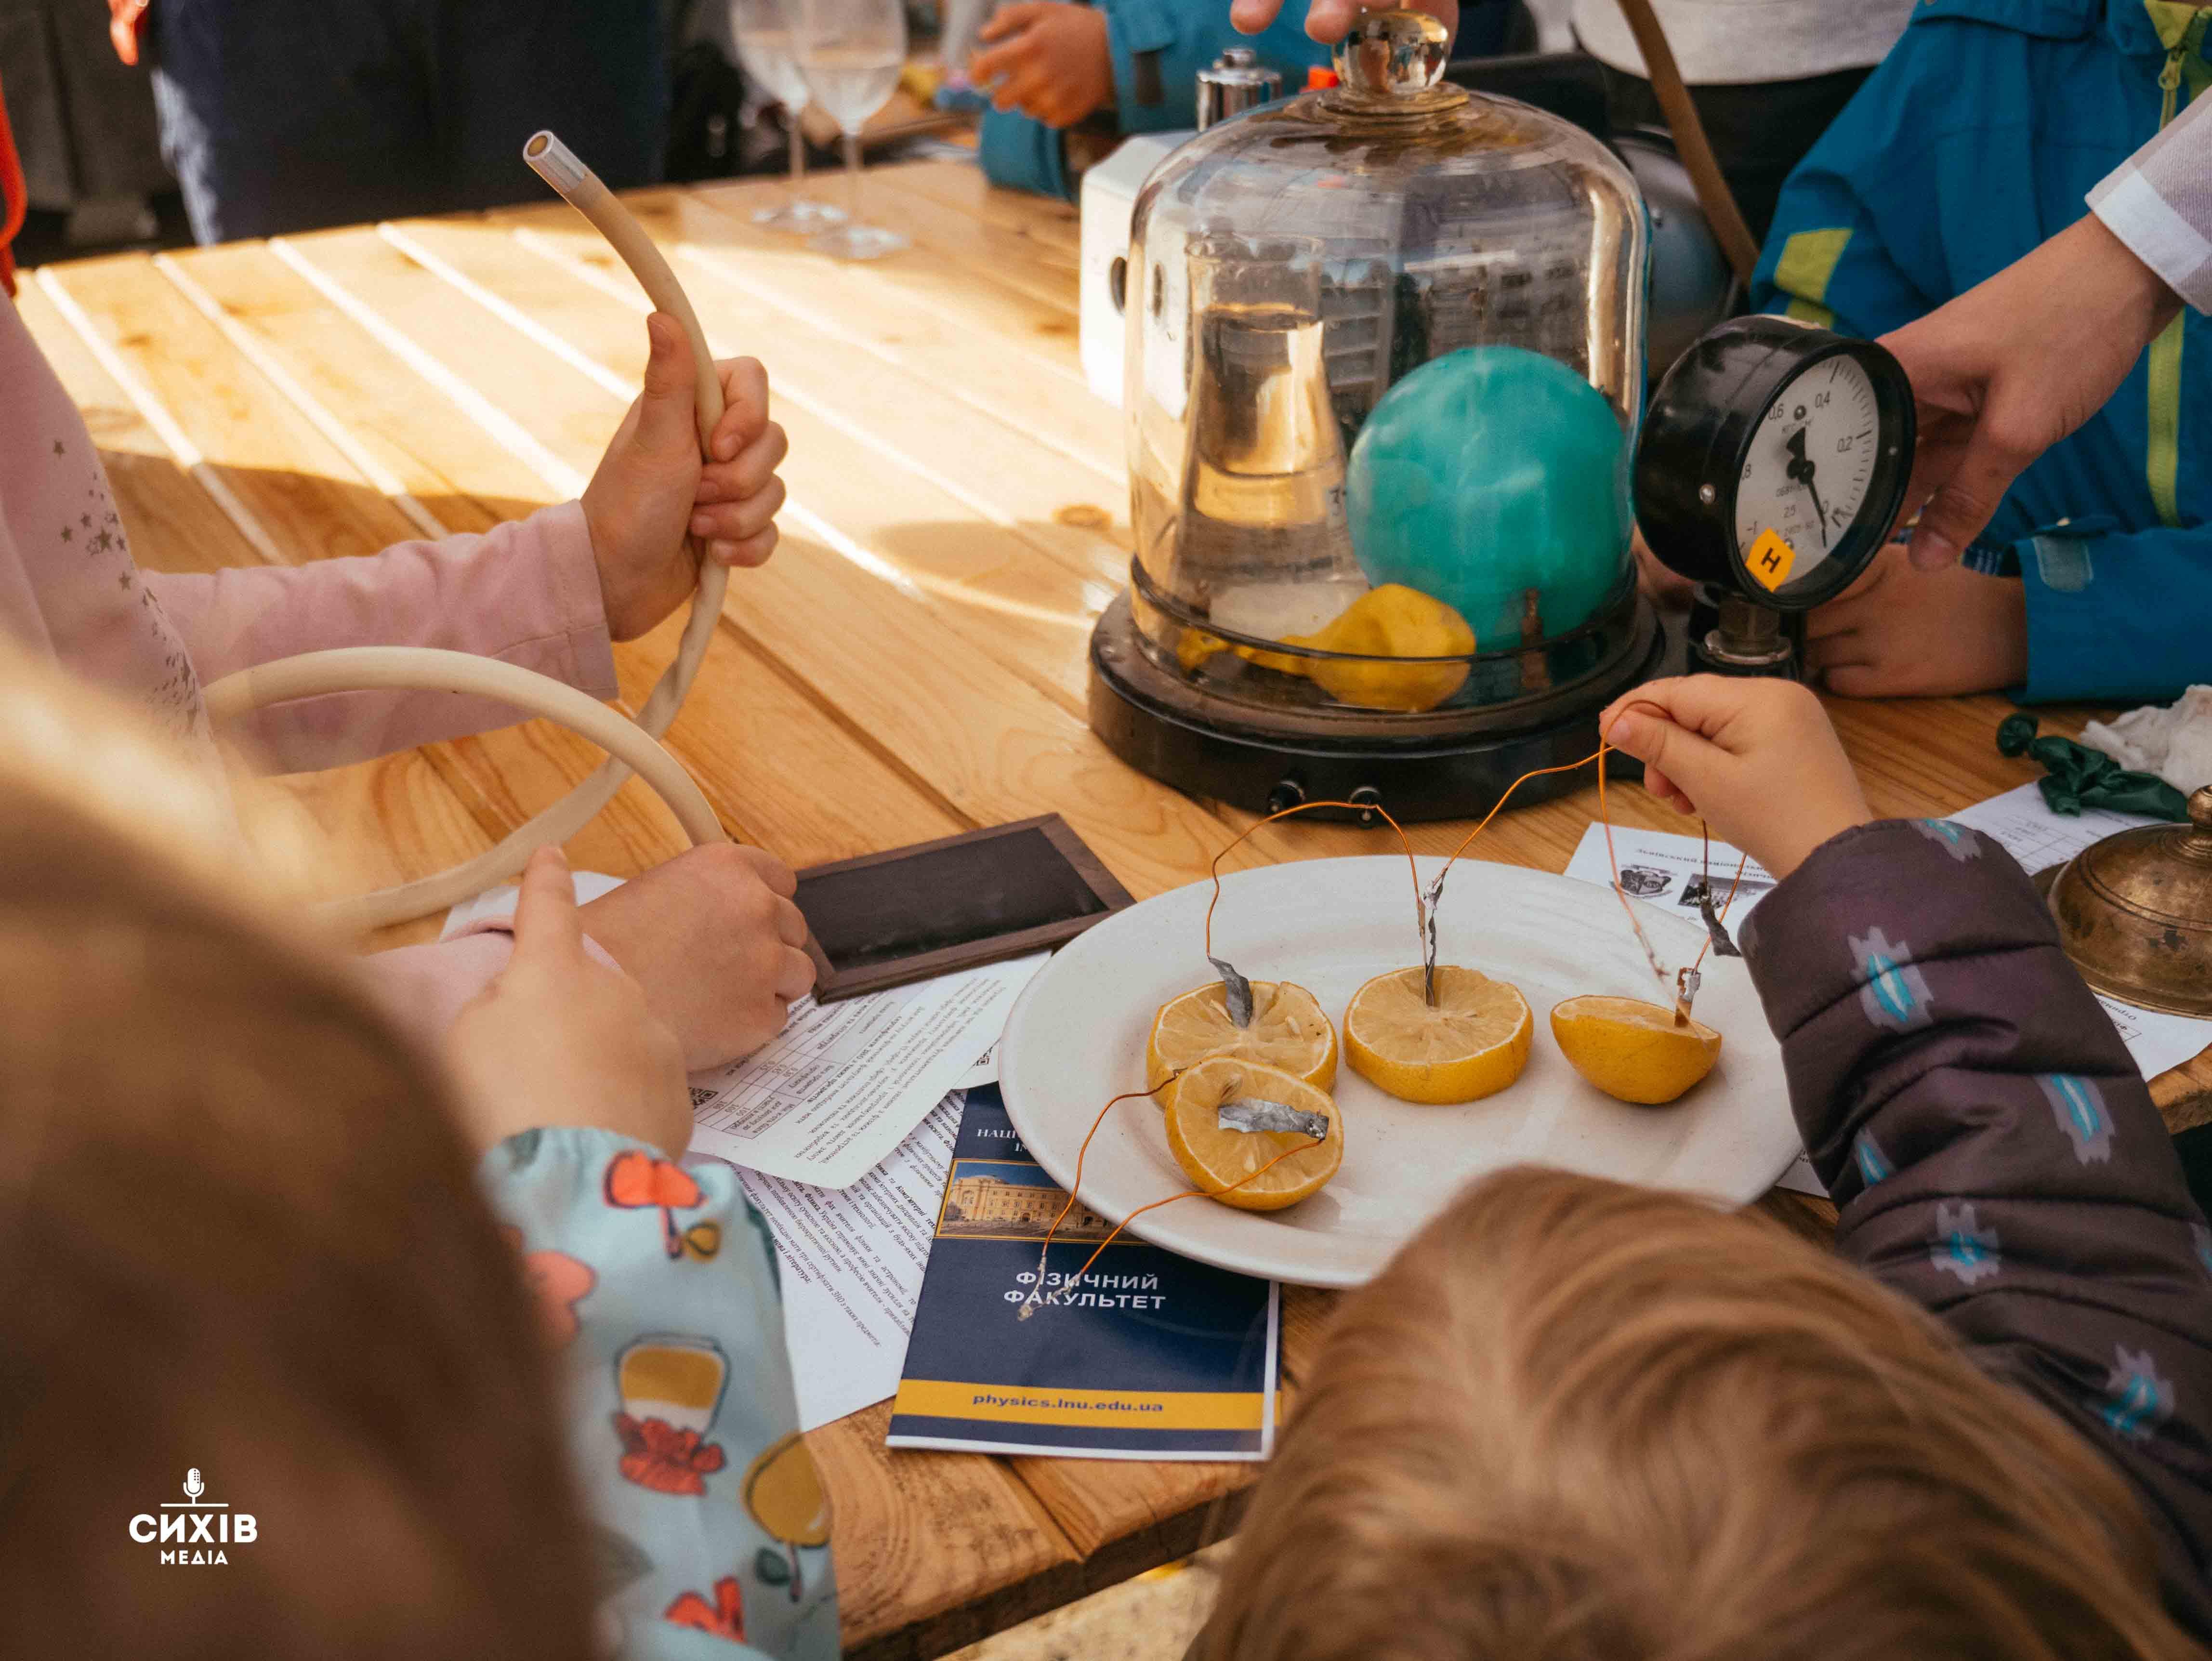 Дослідження мікроорганізмів та наноморозиво: На Сихові пройшов фестиваль «Наукові Пікніки» (фото)